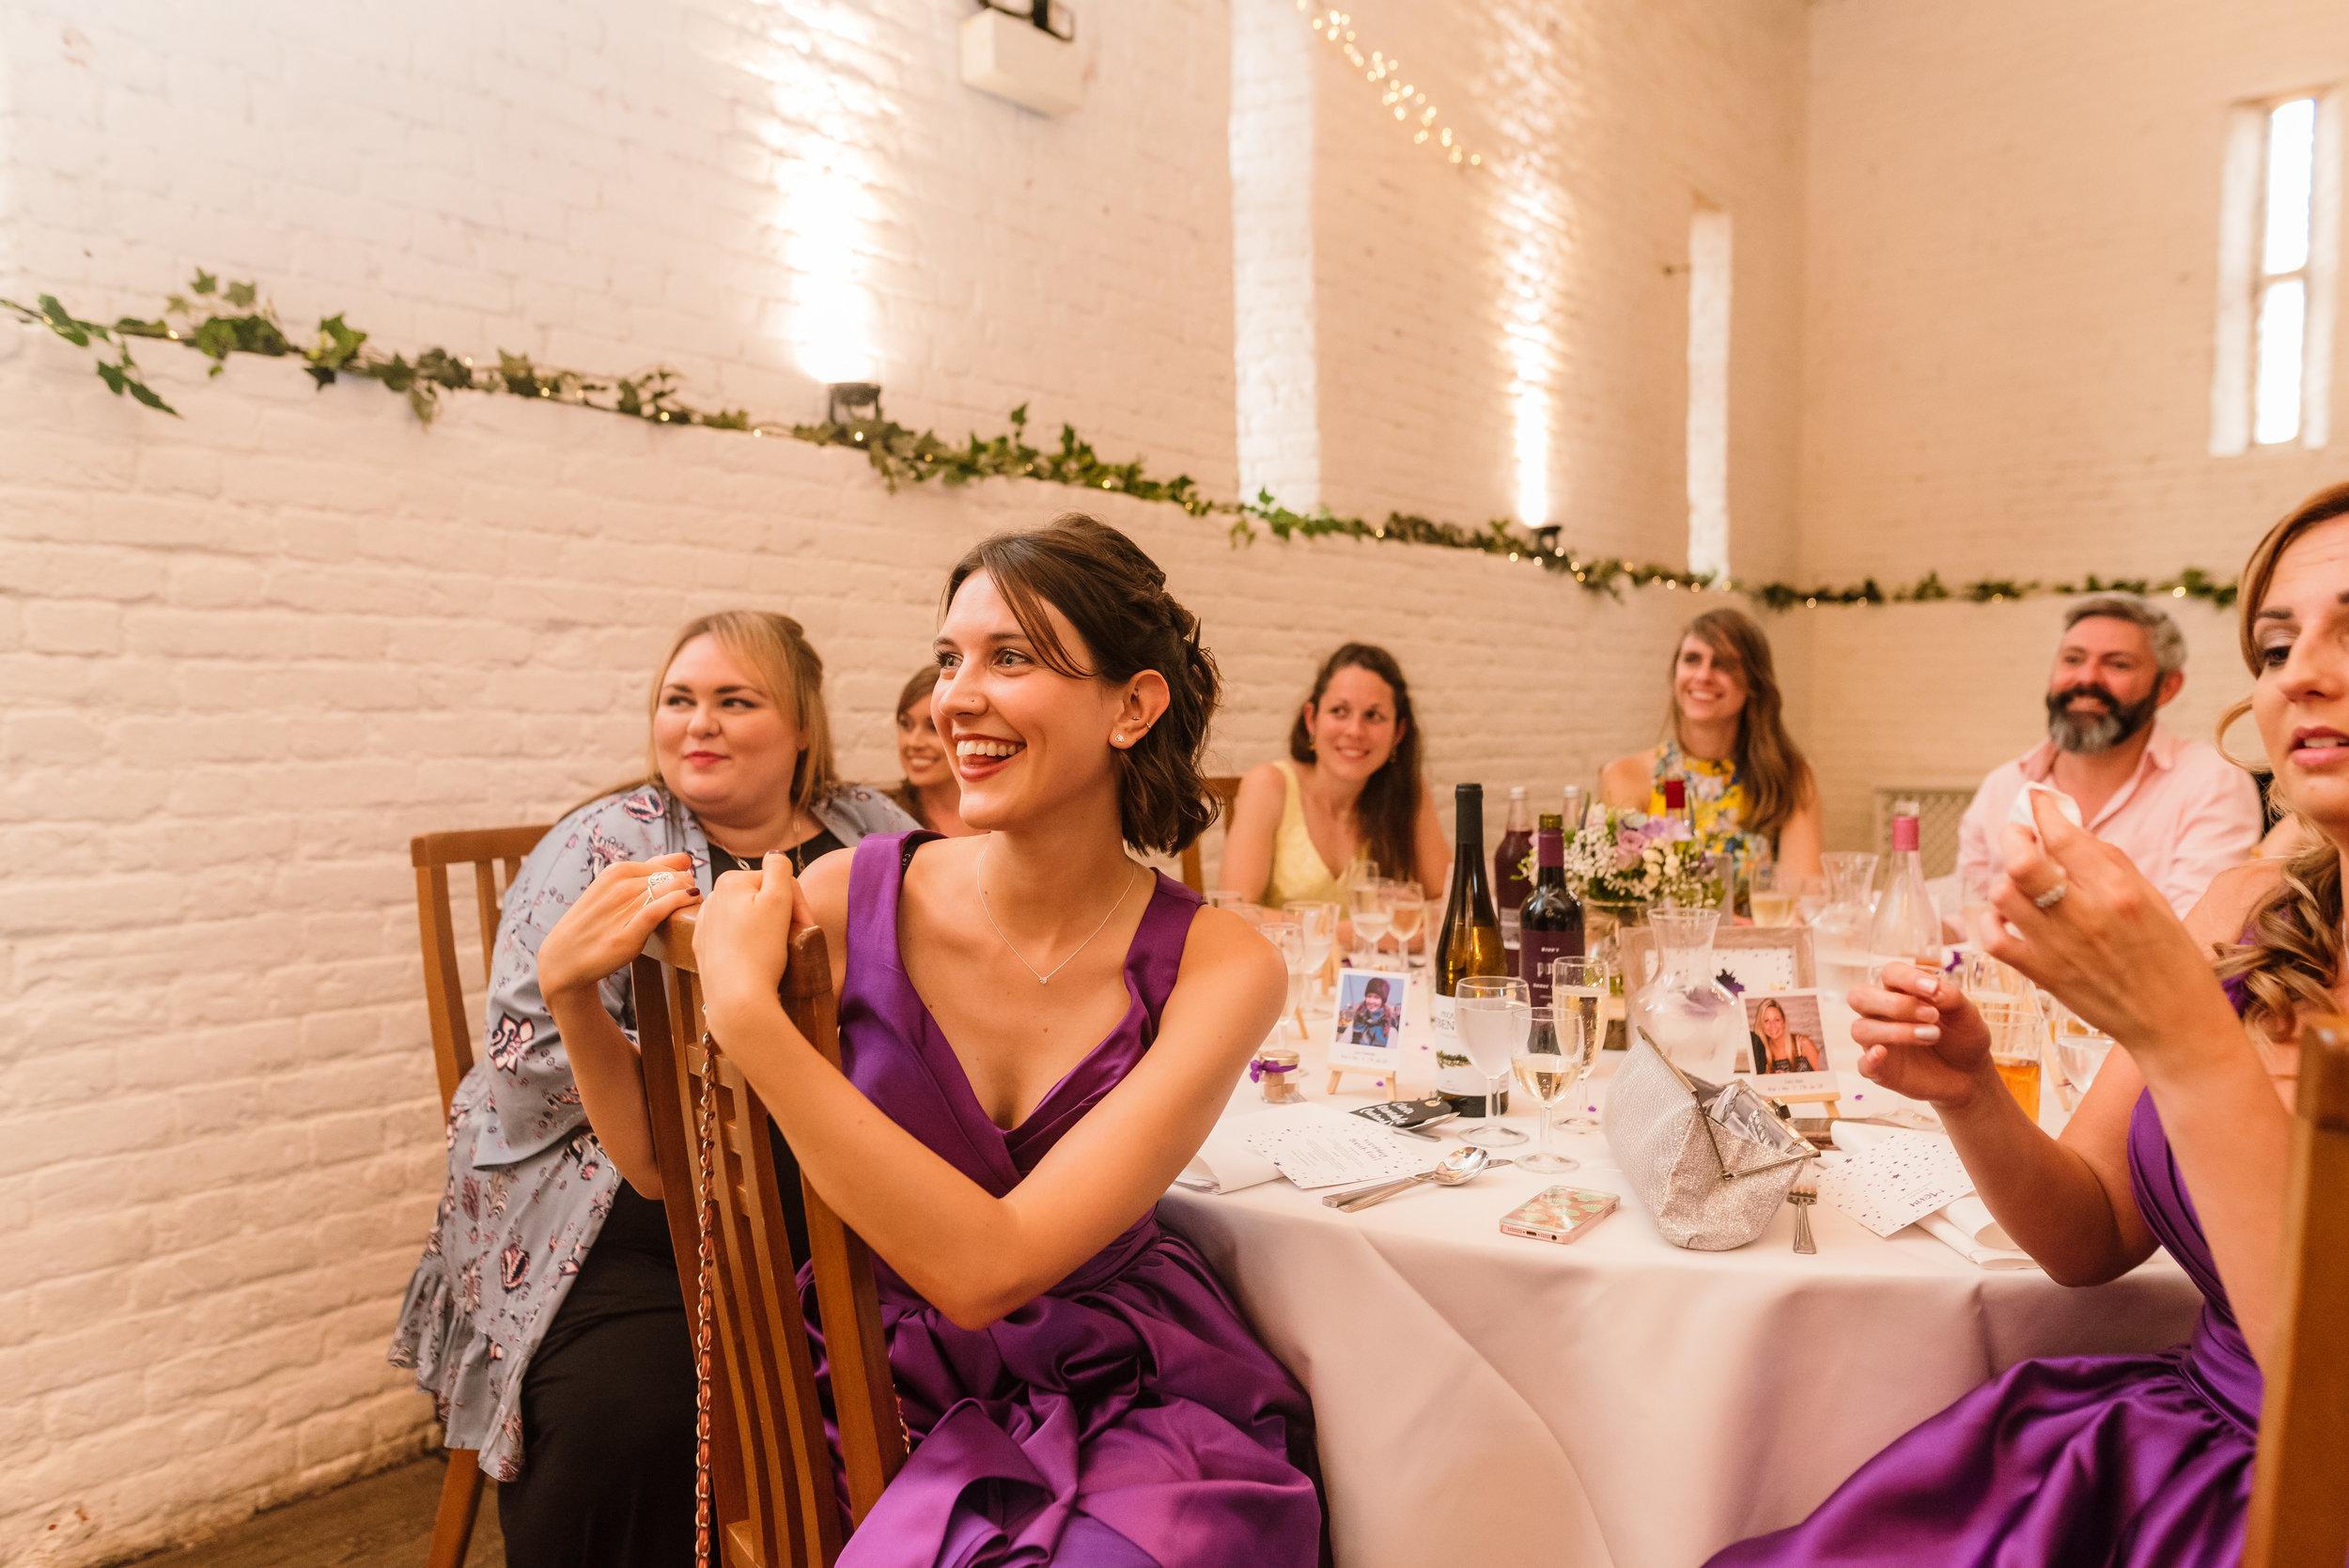 Hampshire Wedding Photographer Hampshire : Ufton-Court-Wedding : Barn-wedding-venue-hampshire : sarah-fishlock-photography : hampshire-barn-wedding-872.jpg